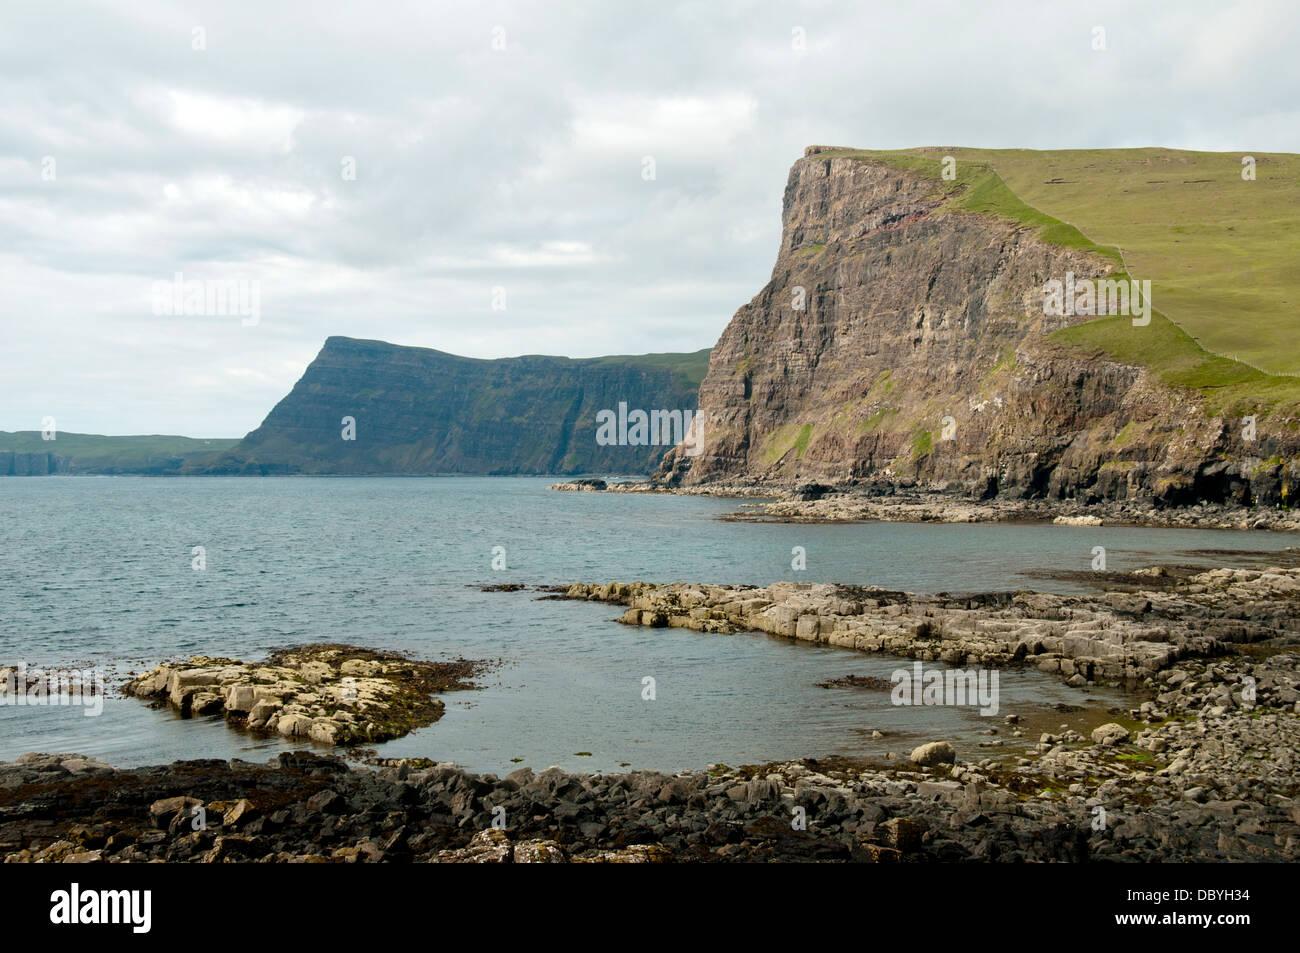 Y Ramasaig Waterstein Head Cliff Bay, Duirinish Ramasaig de costa, la Isla de Skye, Escocia, Reino Unido Foto de stock